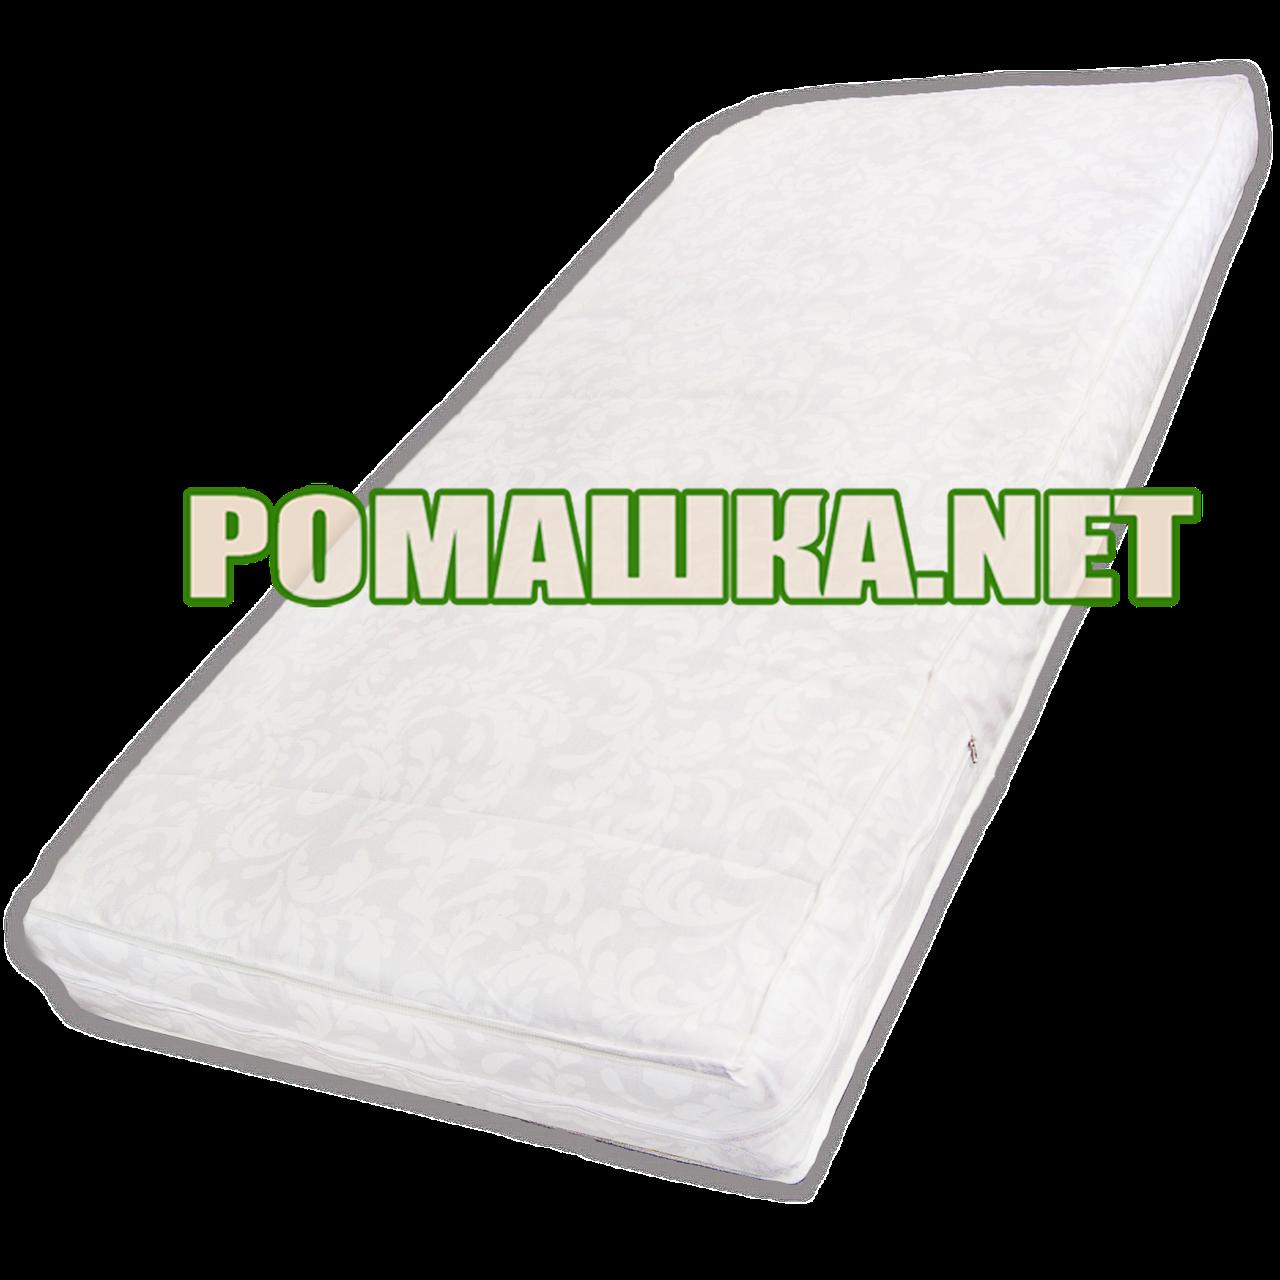 Матрас детский в кроватку 120х60 кокосовый 5,5 см Стандарт 4 слоя кокосовая койра для новорожденных 0265 Белый